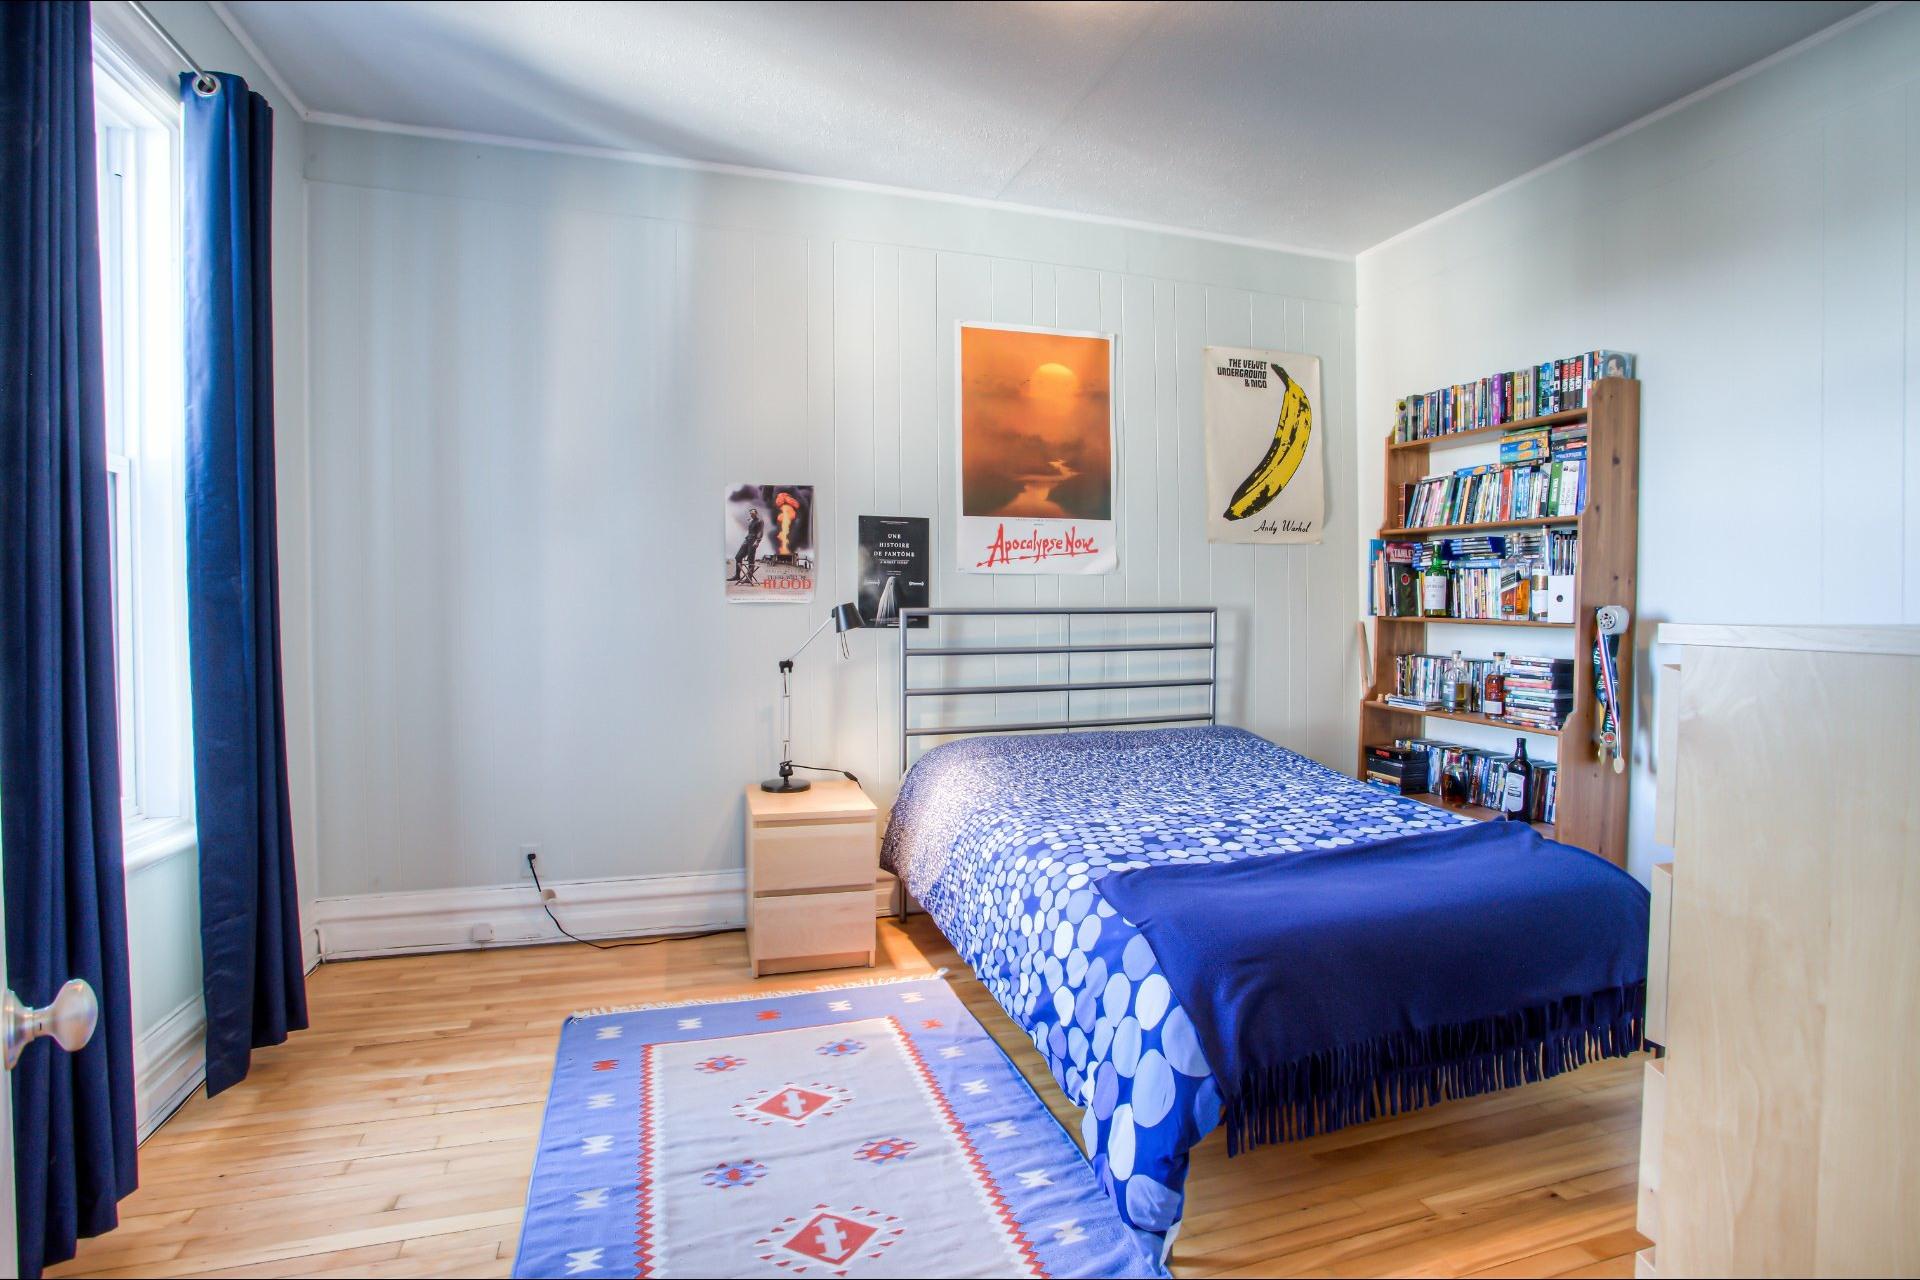 image 14 - Appartement À vendre Rosemont/La Petite-Patrie Montréal  - 8 pièces